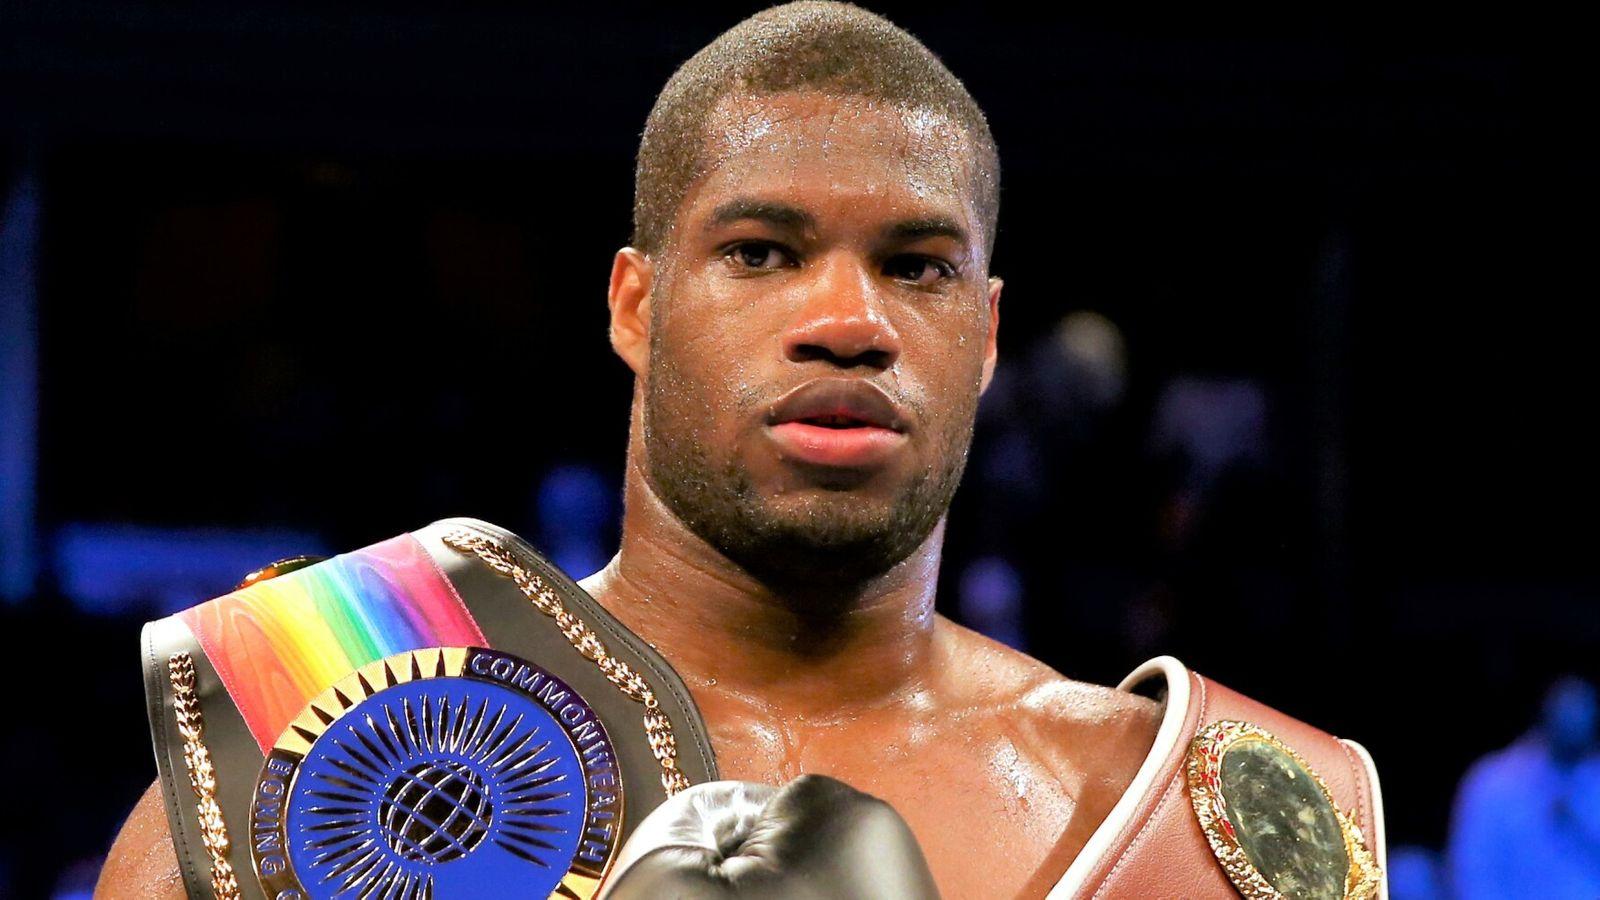 Dubois is back in WBA